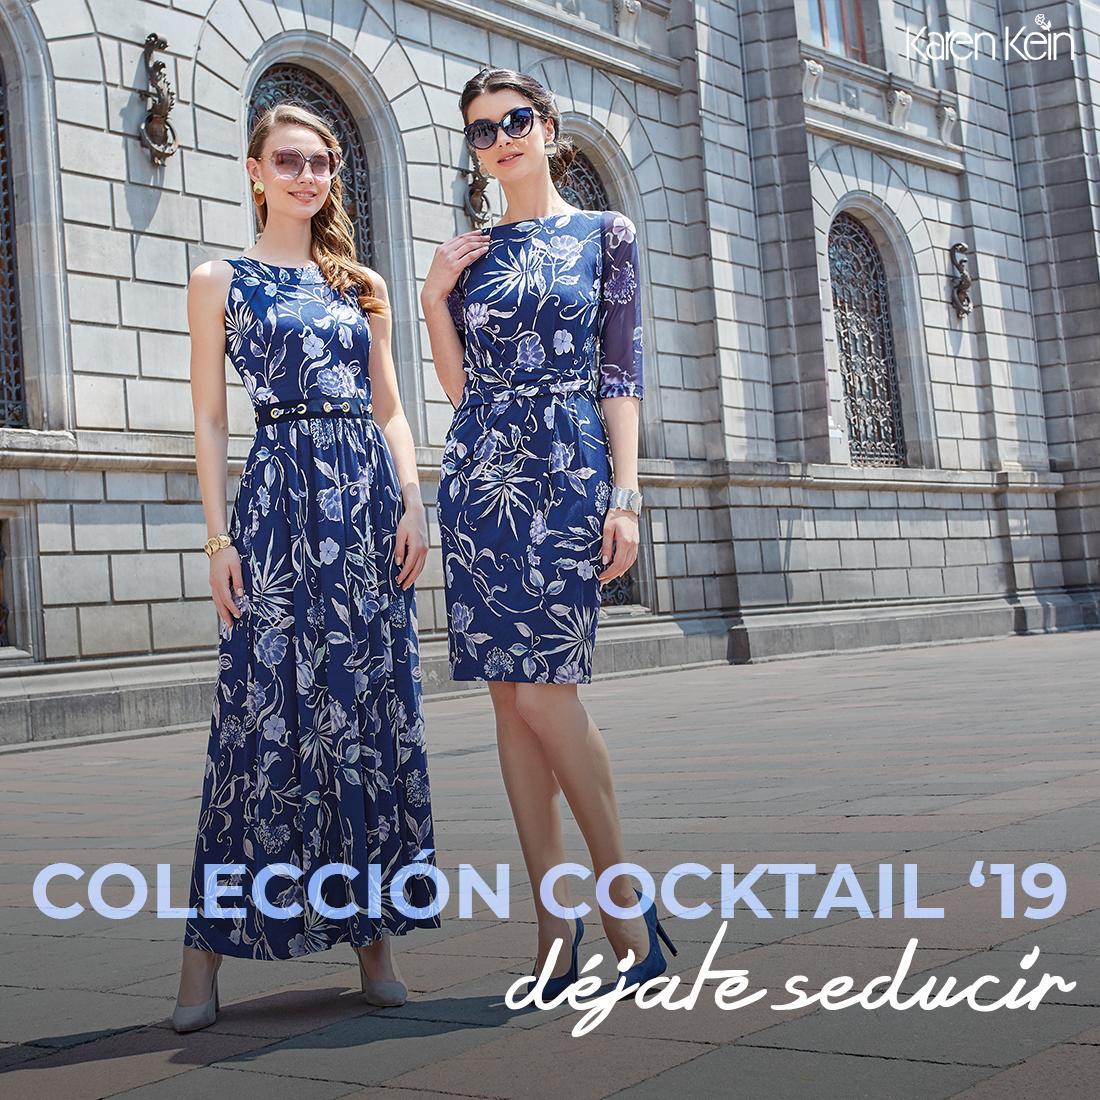 La Espera Terminó La Colección Cocktail 2019 Por Fin Llegó